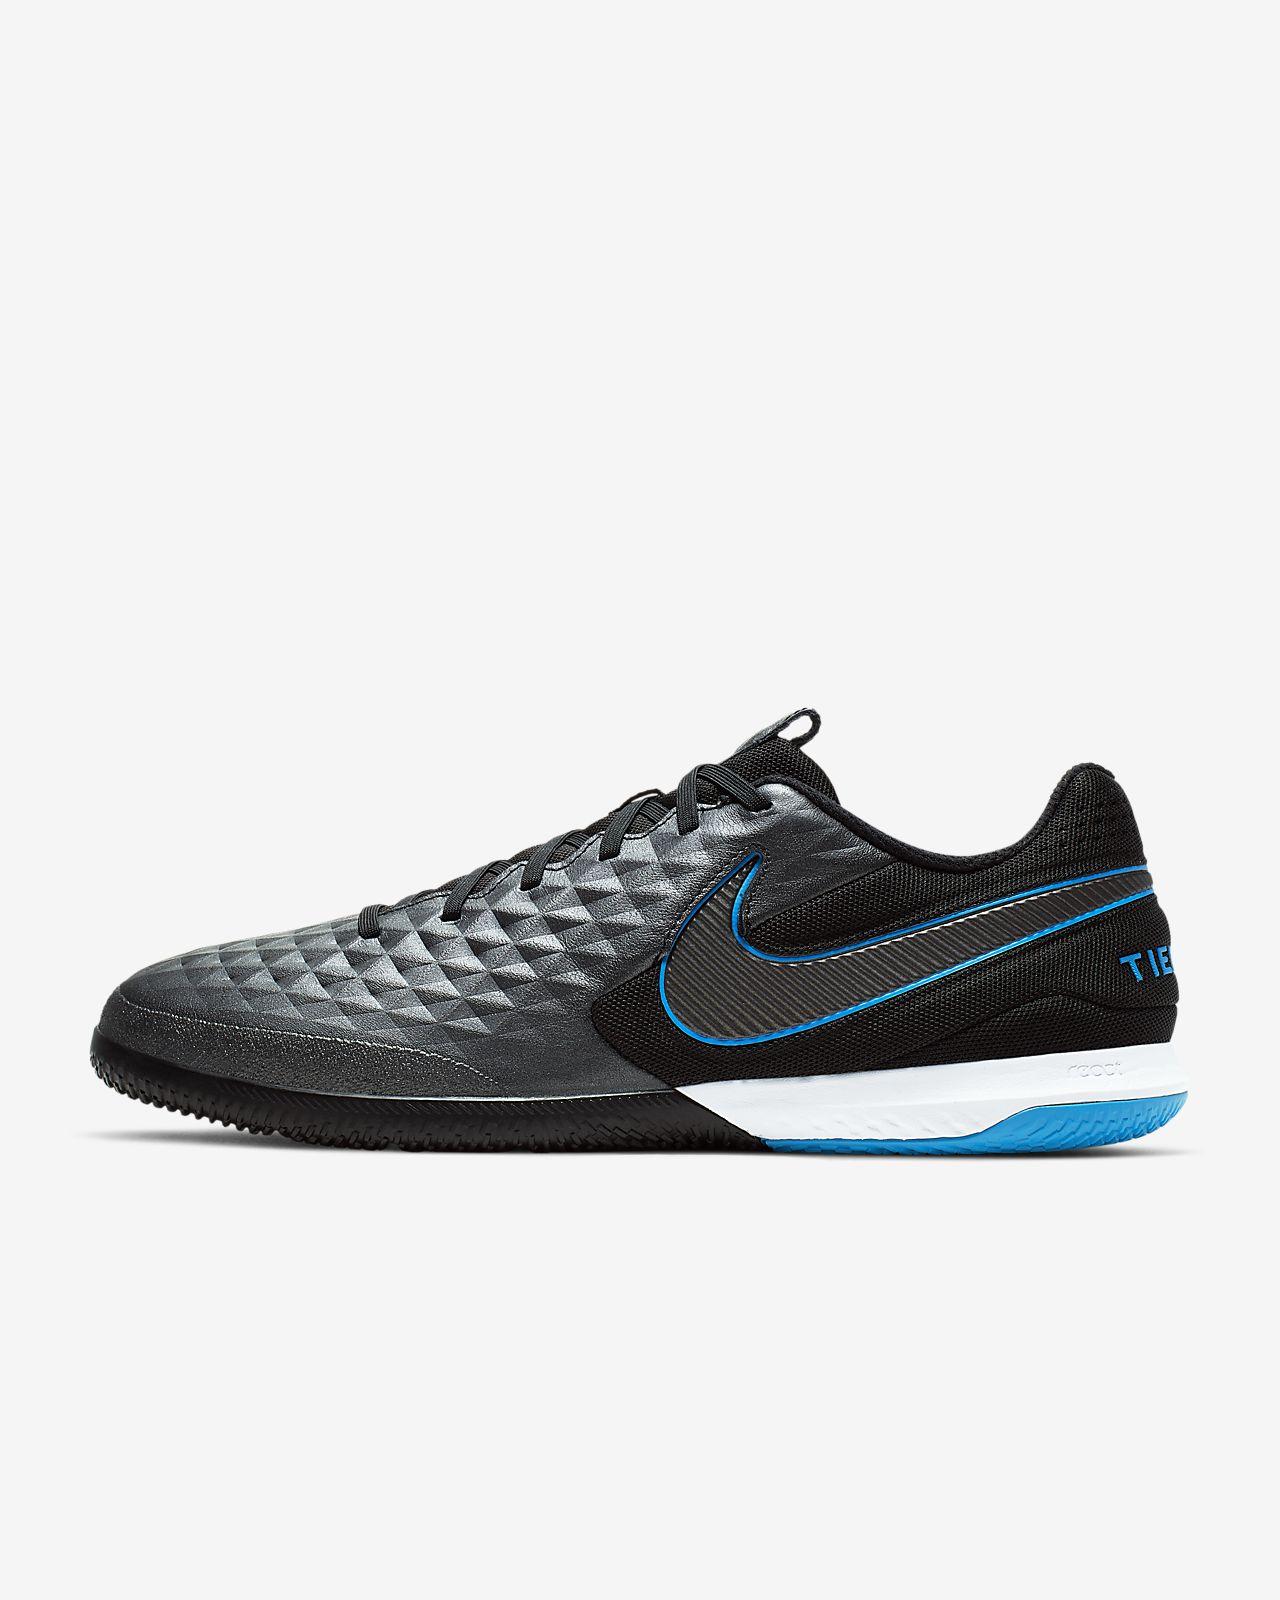 Ποδοσφαιρικό παπούτσι για κλειστά γήπεδα Nike React Tiempo Legend 8 Pro IC